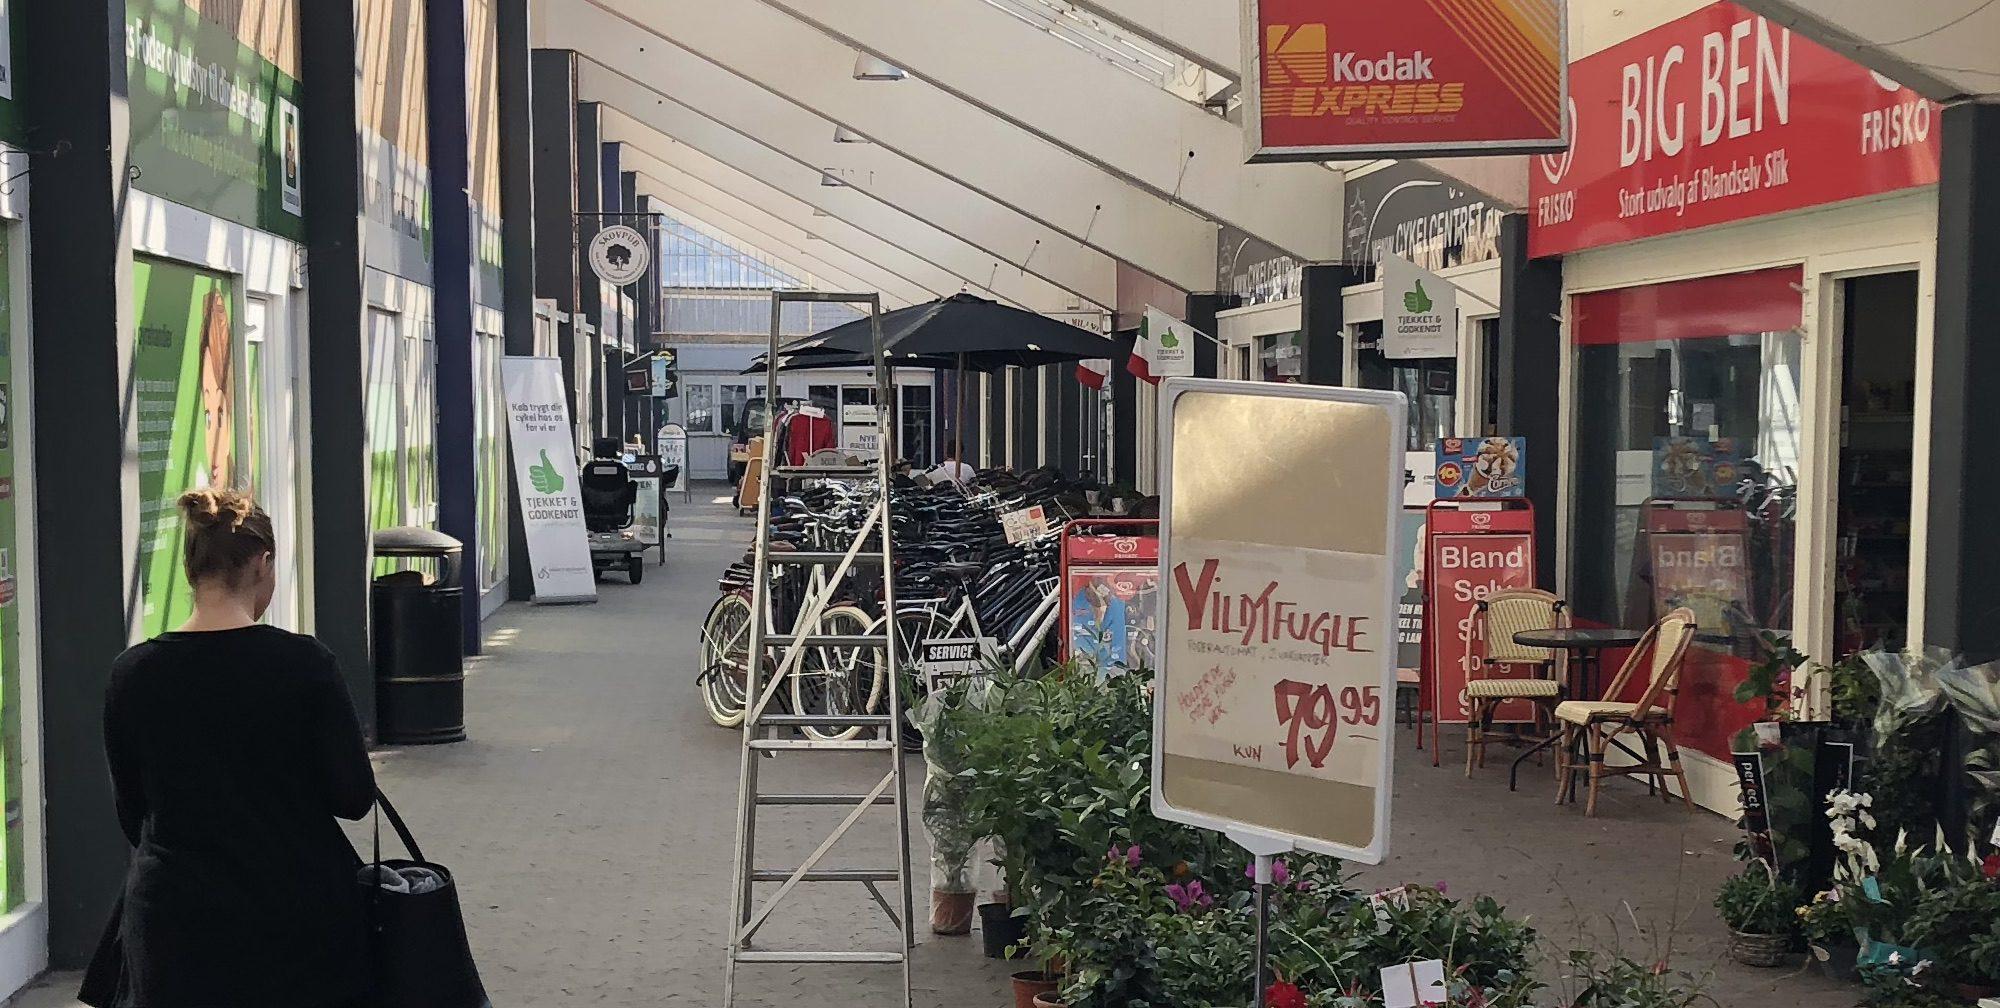 9fa5aa17e Butikker og tilbud – Skovlunde Byfest 2018